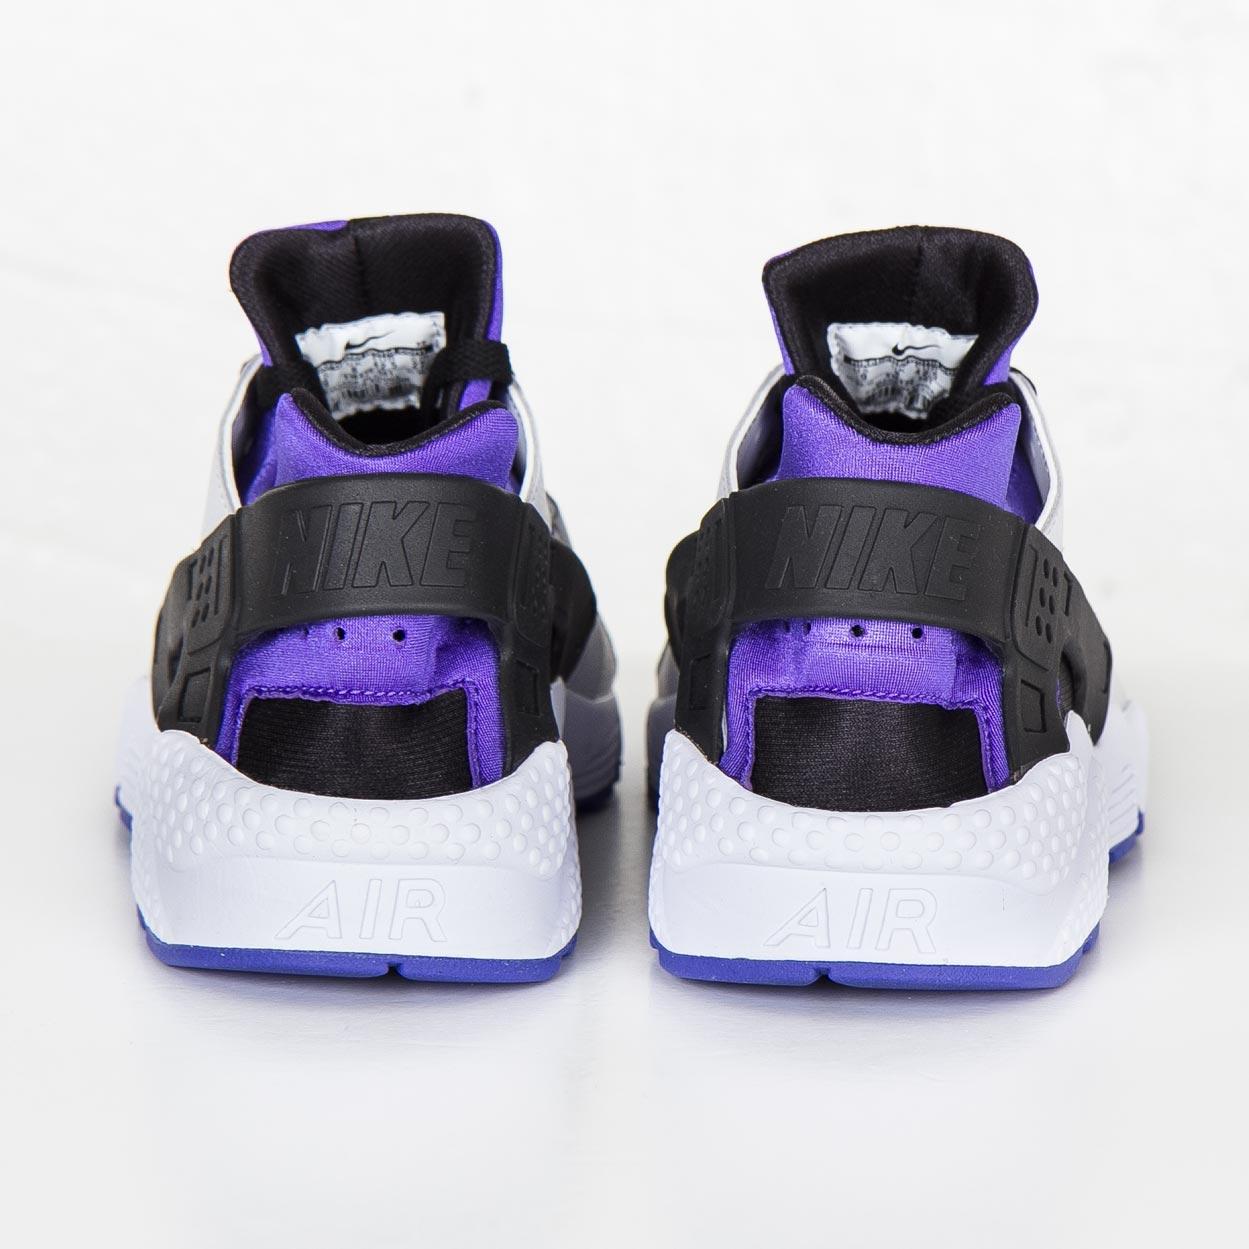 super popular f30f1 dbf7a Nike Air Huarache - 318429-501 - Sneakersnstuff   sneakers & streetwear  online since 1999